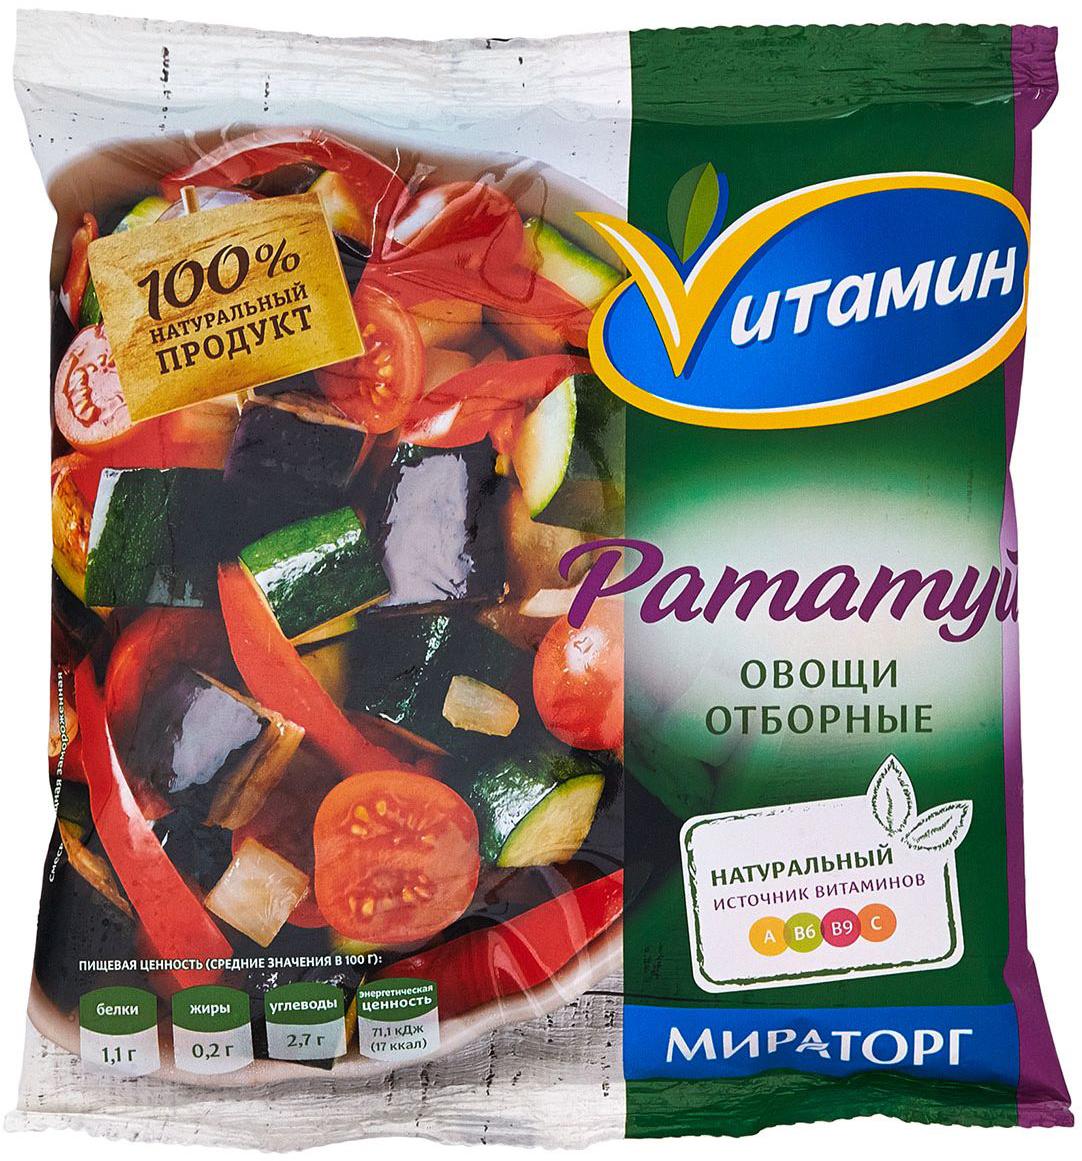 Смесь Рататуй Vитамин, 400 г натюр малышам просто вкусно полезно